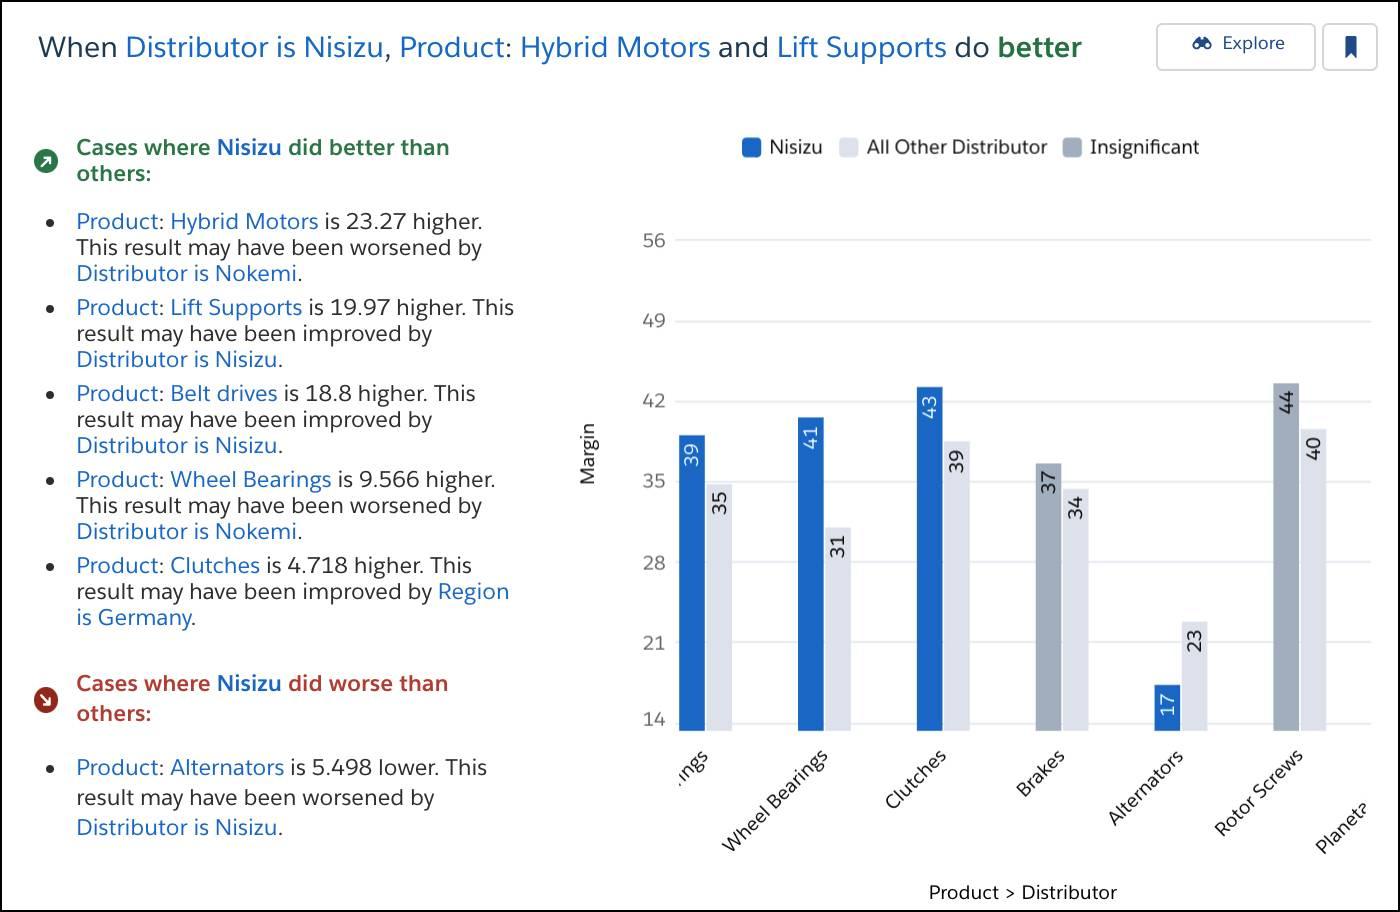 「When Distributor is Nisizu, Product: Hybrid Motors and Lift Supports do better」 (ディストリビューターが Nisizu の場合に、商品: ハイブリッドモーターとリフトサポートの数値が良い) というタイトルのインサイト